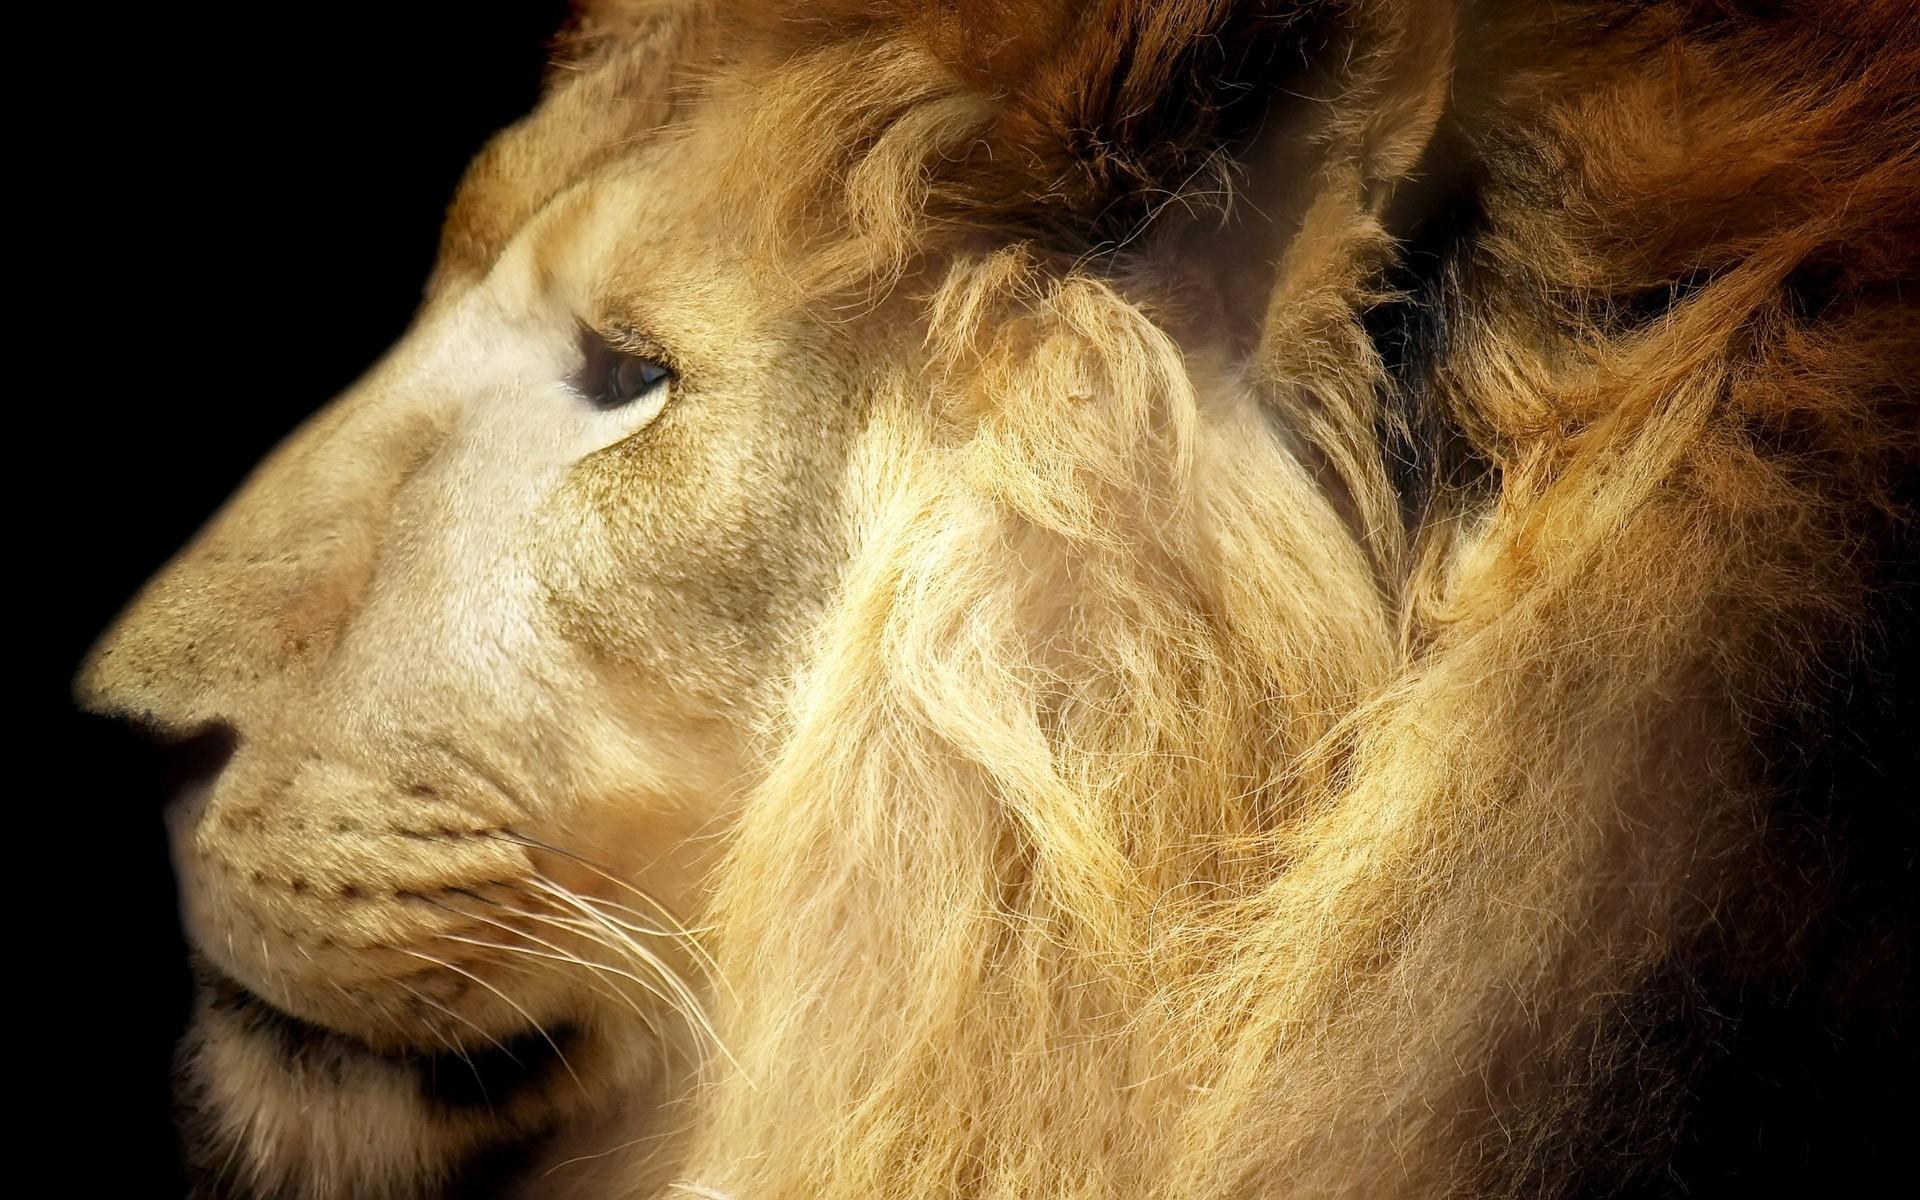 Sfondi leone viso criniera grande gatto predatore for Sfondi leone